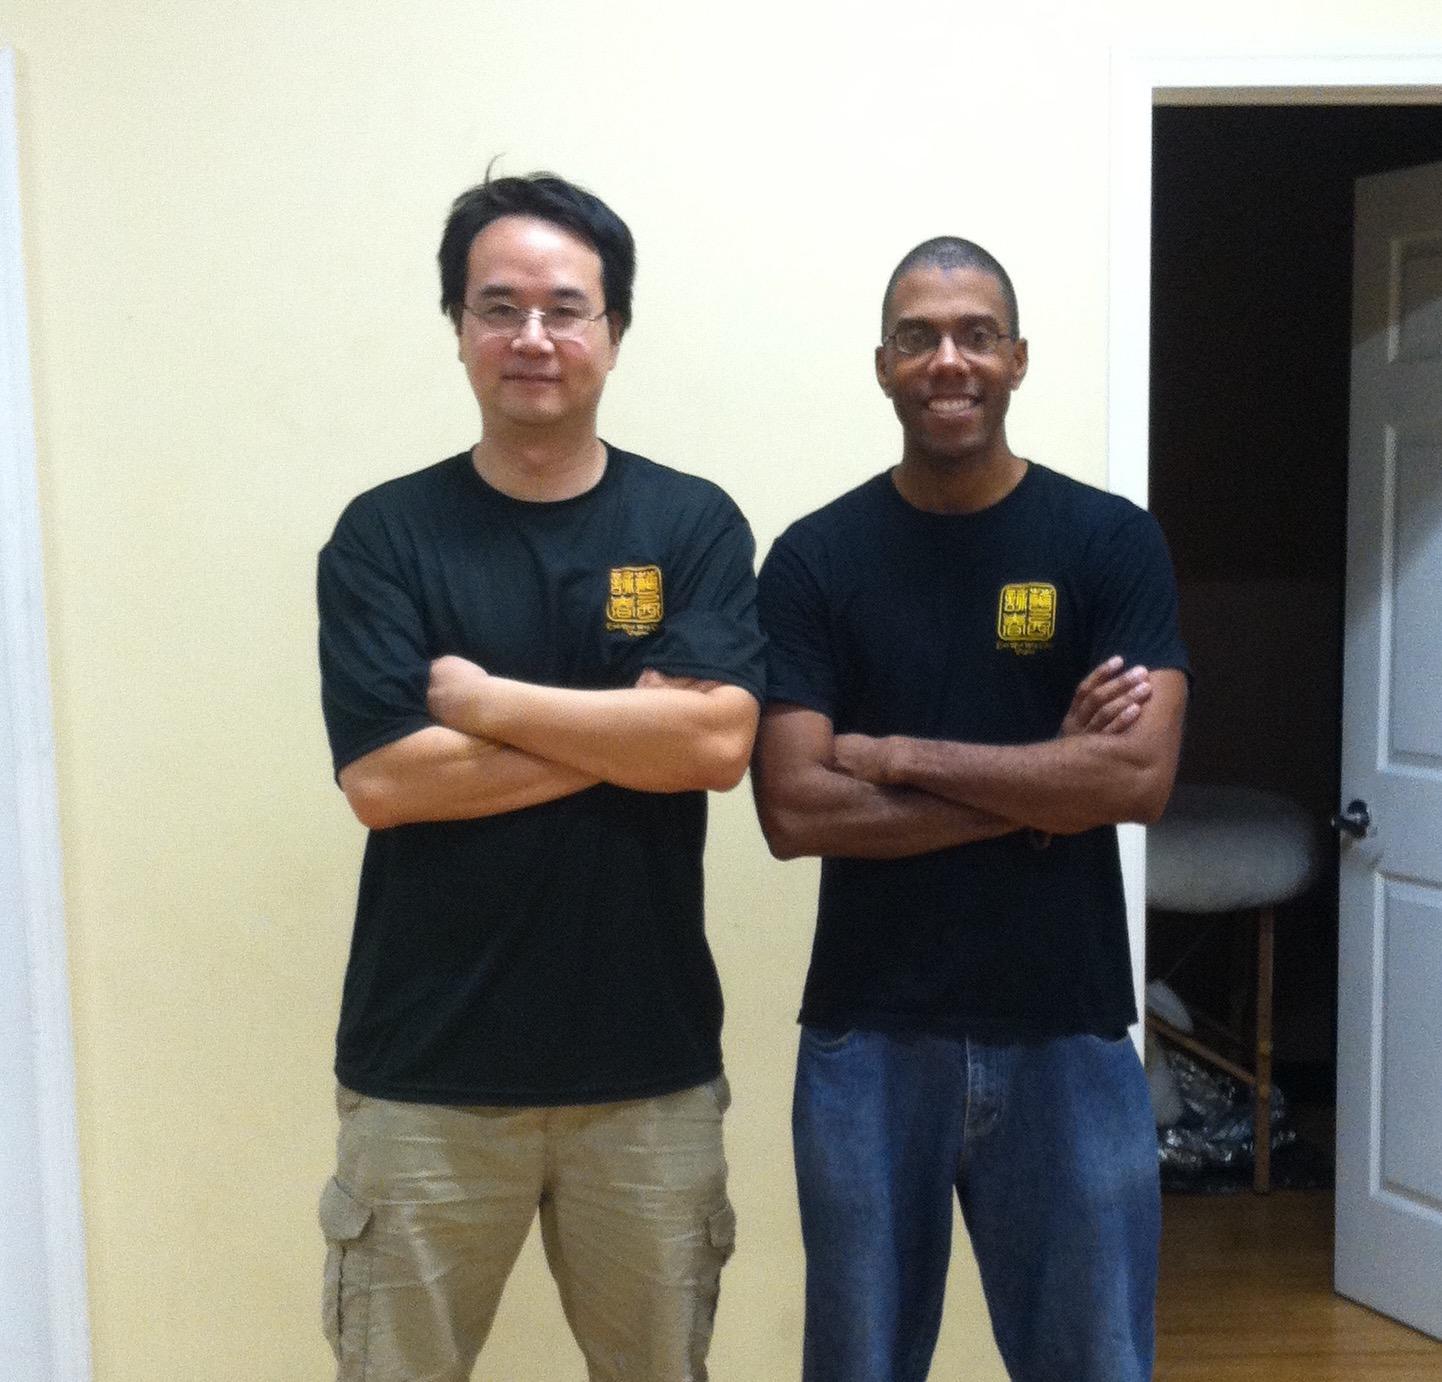 With Sifu John Kang